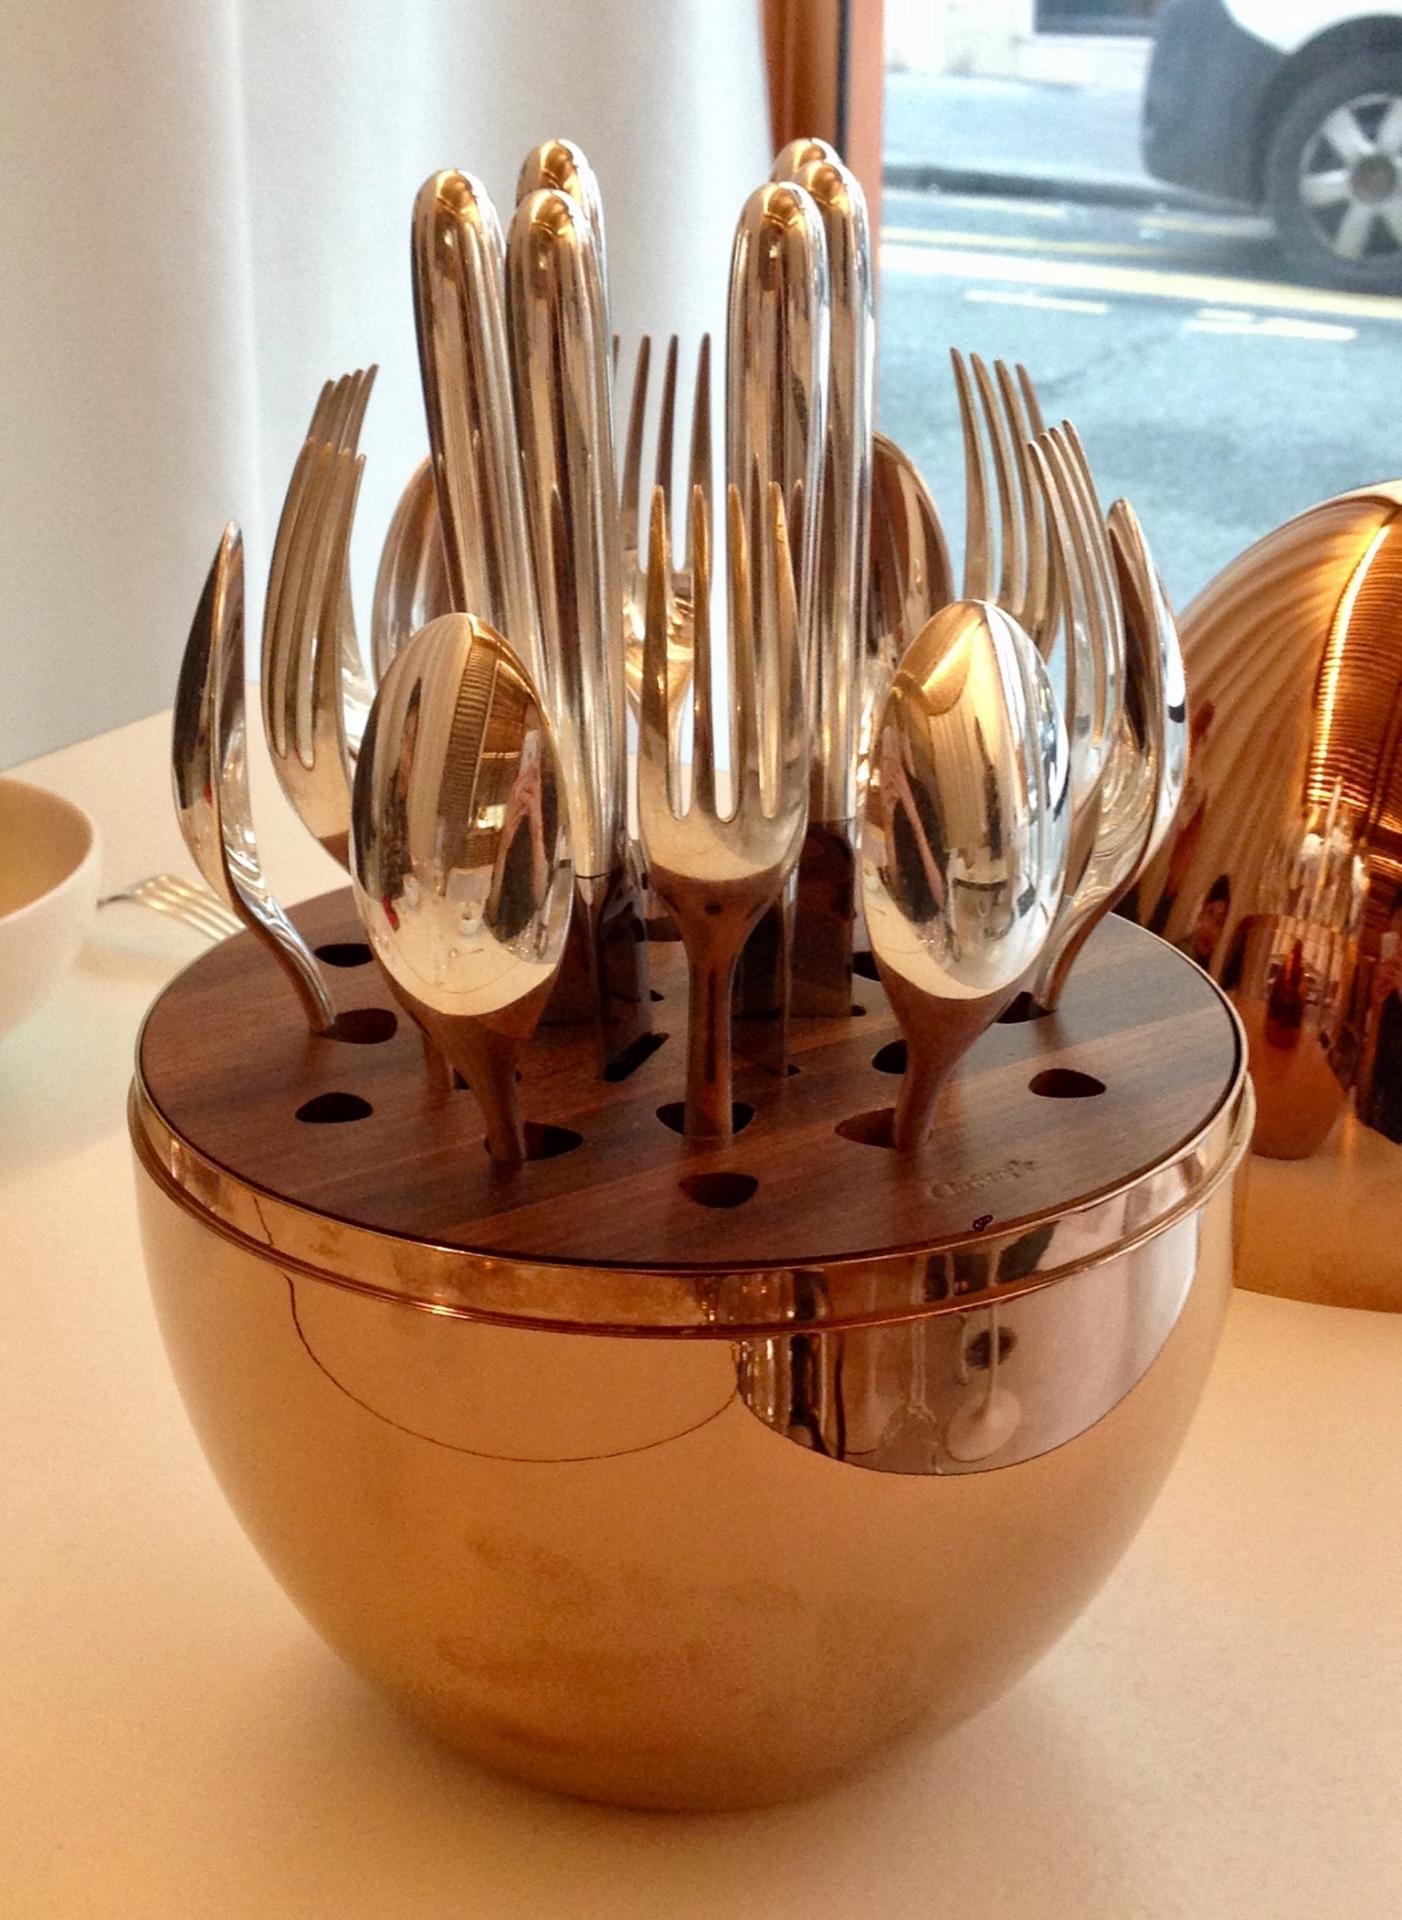 【クリストフル 買取】中古でも売れる!人気の銀食器 カトラリーをご紹介